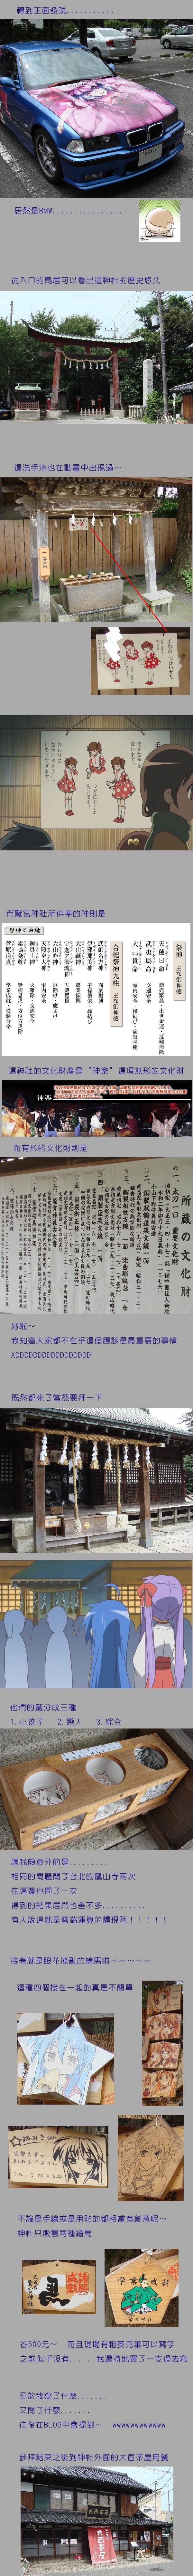 09-02-02.jpg